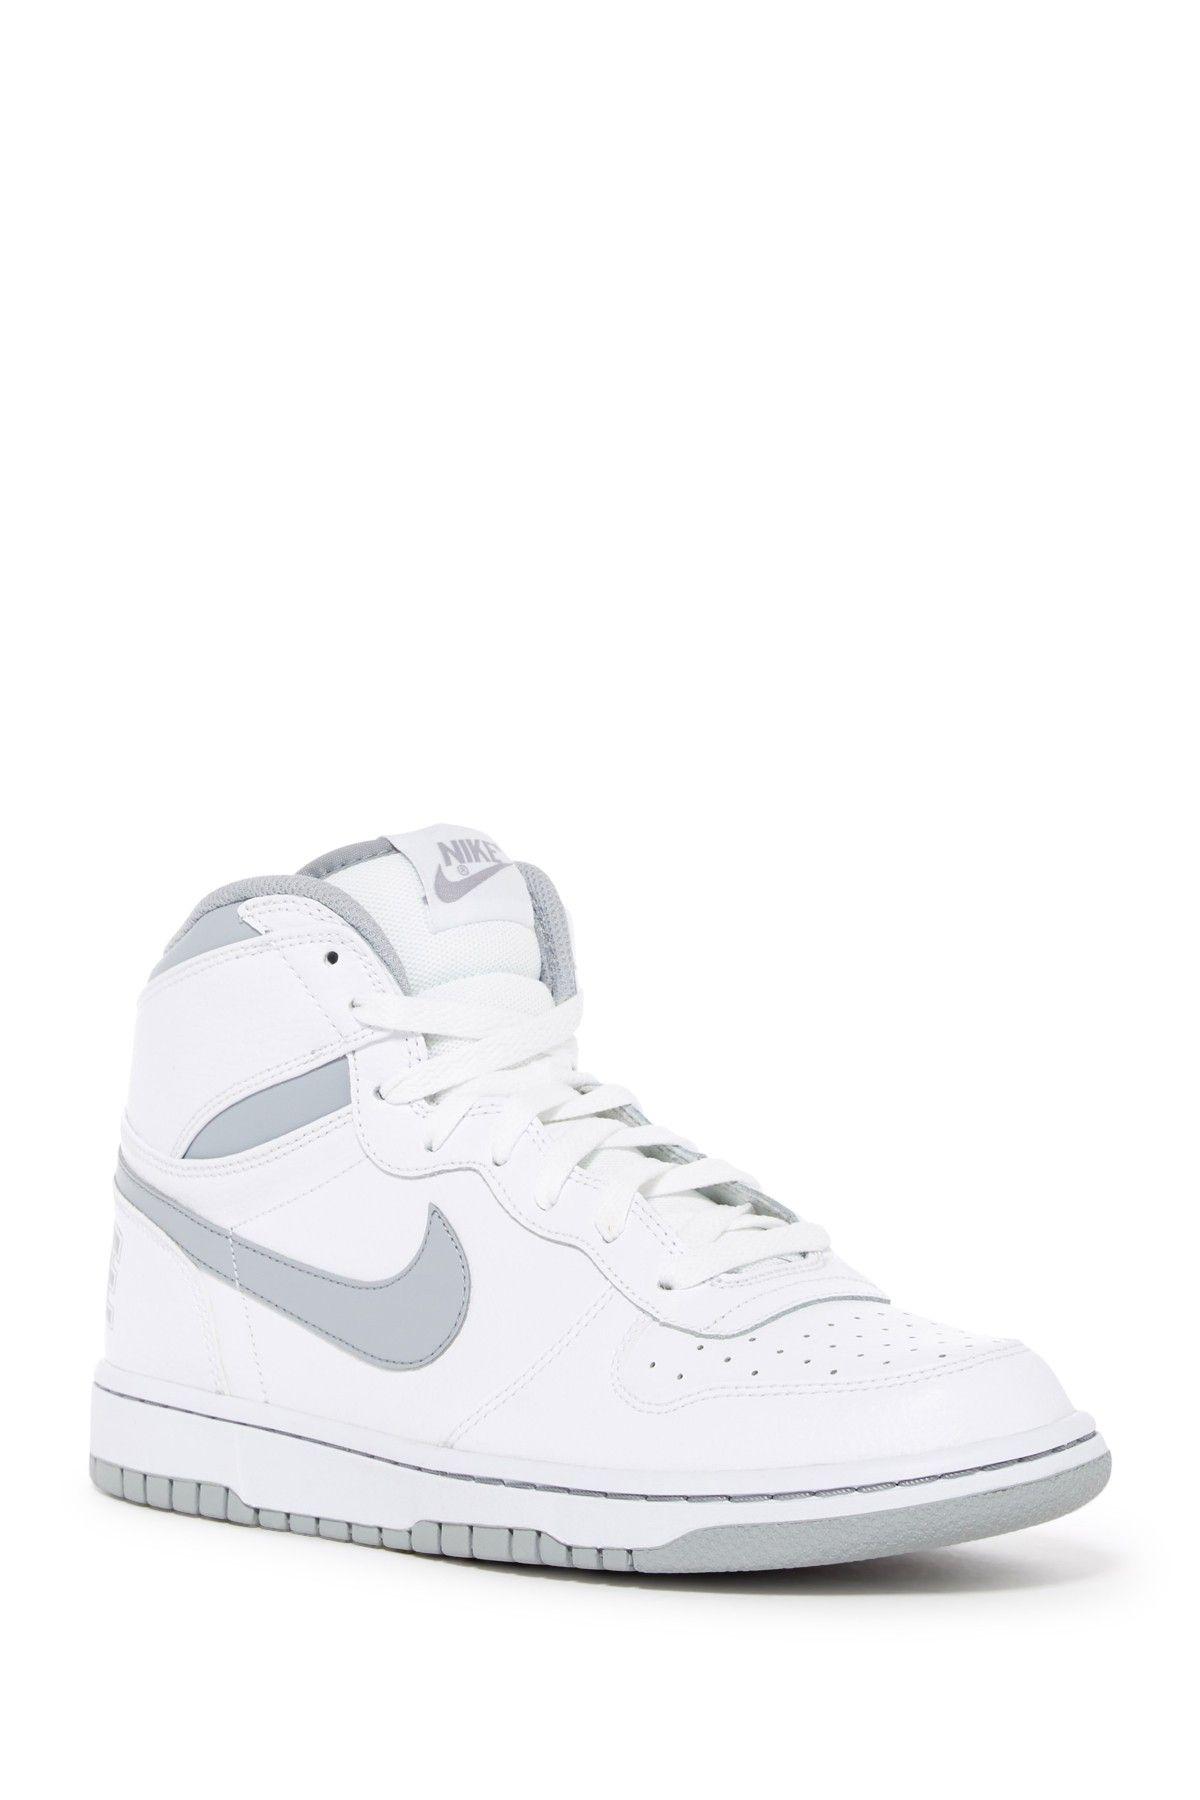 Nike | Big Nike High Top Sneaker | Products in 2019 | Nike